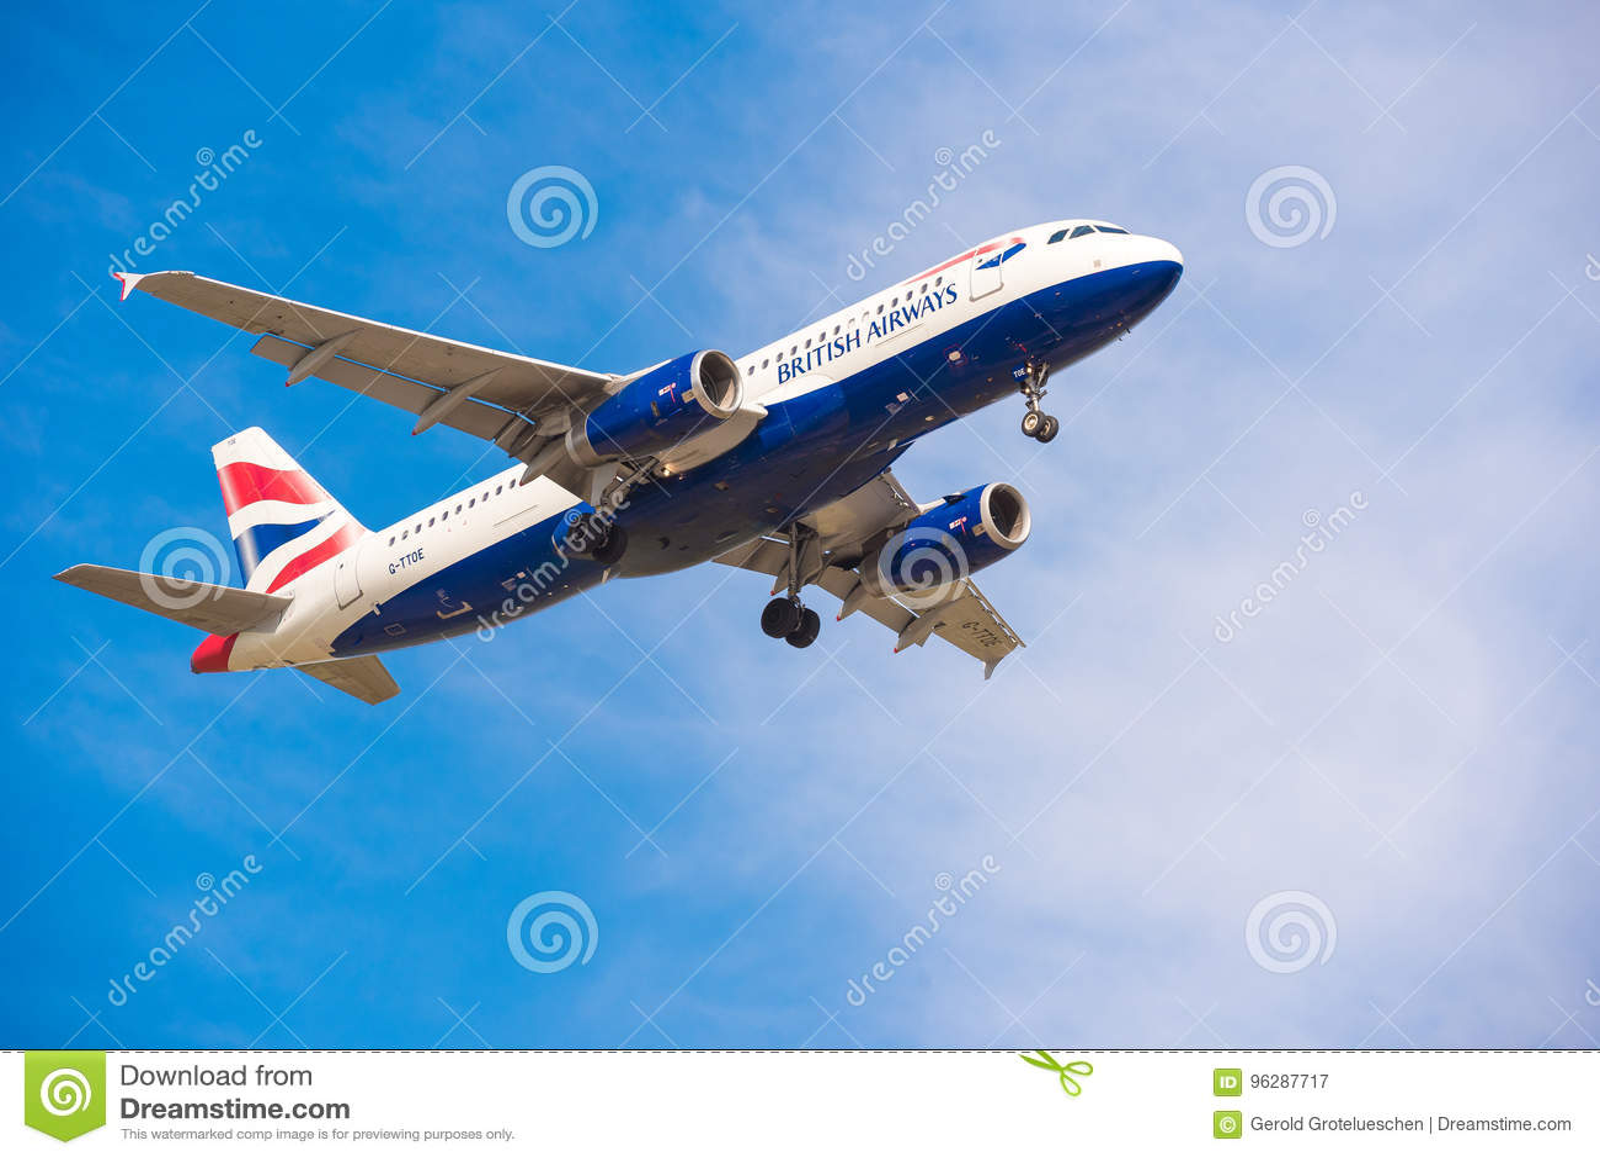 BARCELONE, ESPAGNE - 20 AOÛT 2016 : British Airways surfacent dans le ciel bleu Copiez l espace pour le texte